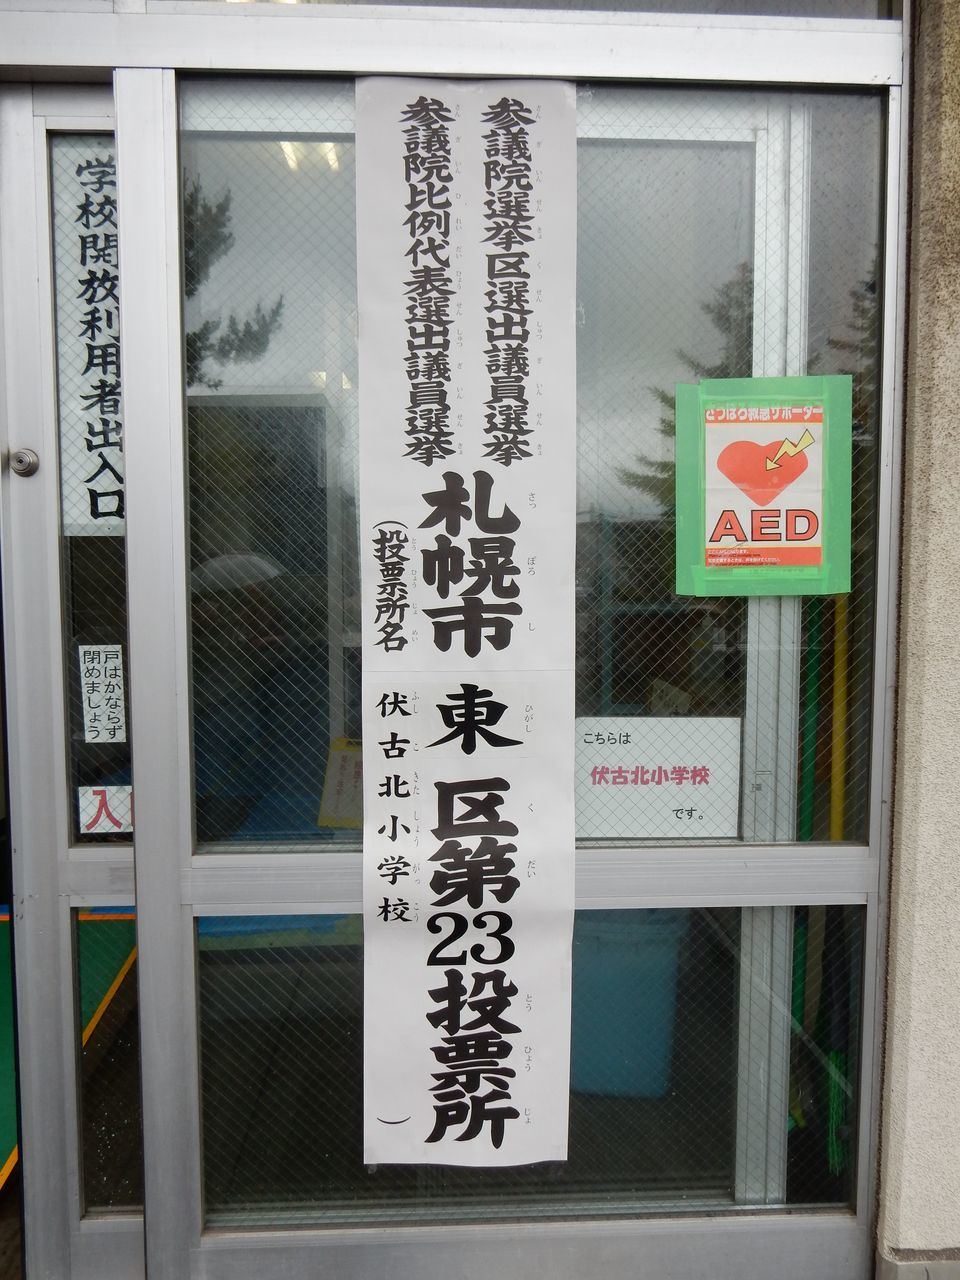 参院選投票後は日本ハム連勝記録祭り_c0025115_21310832.jpg